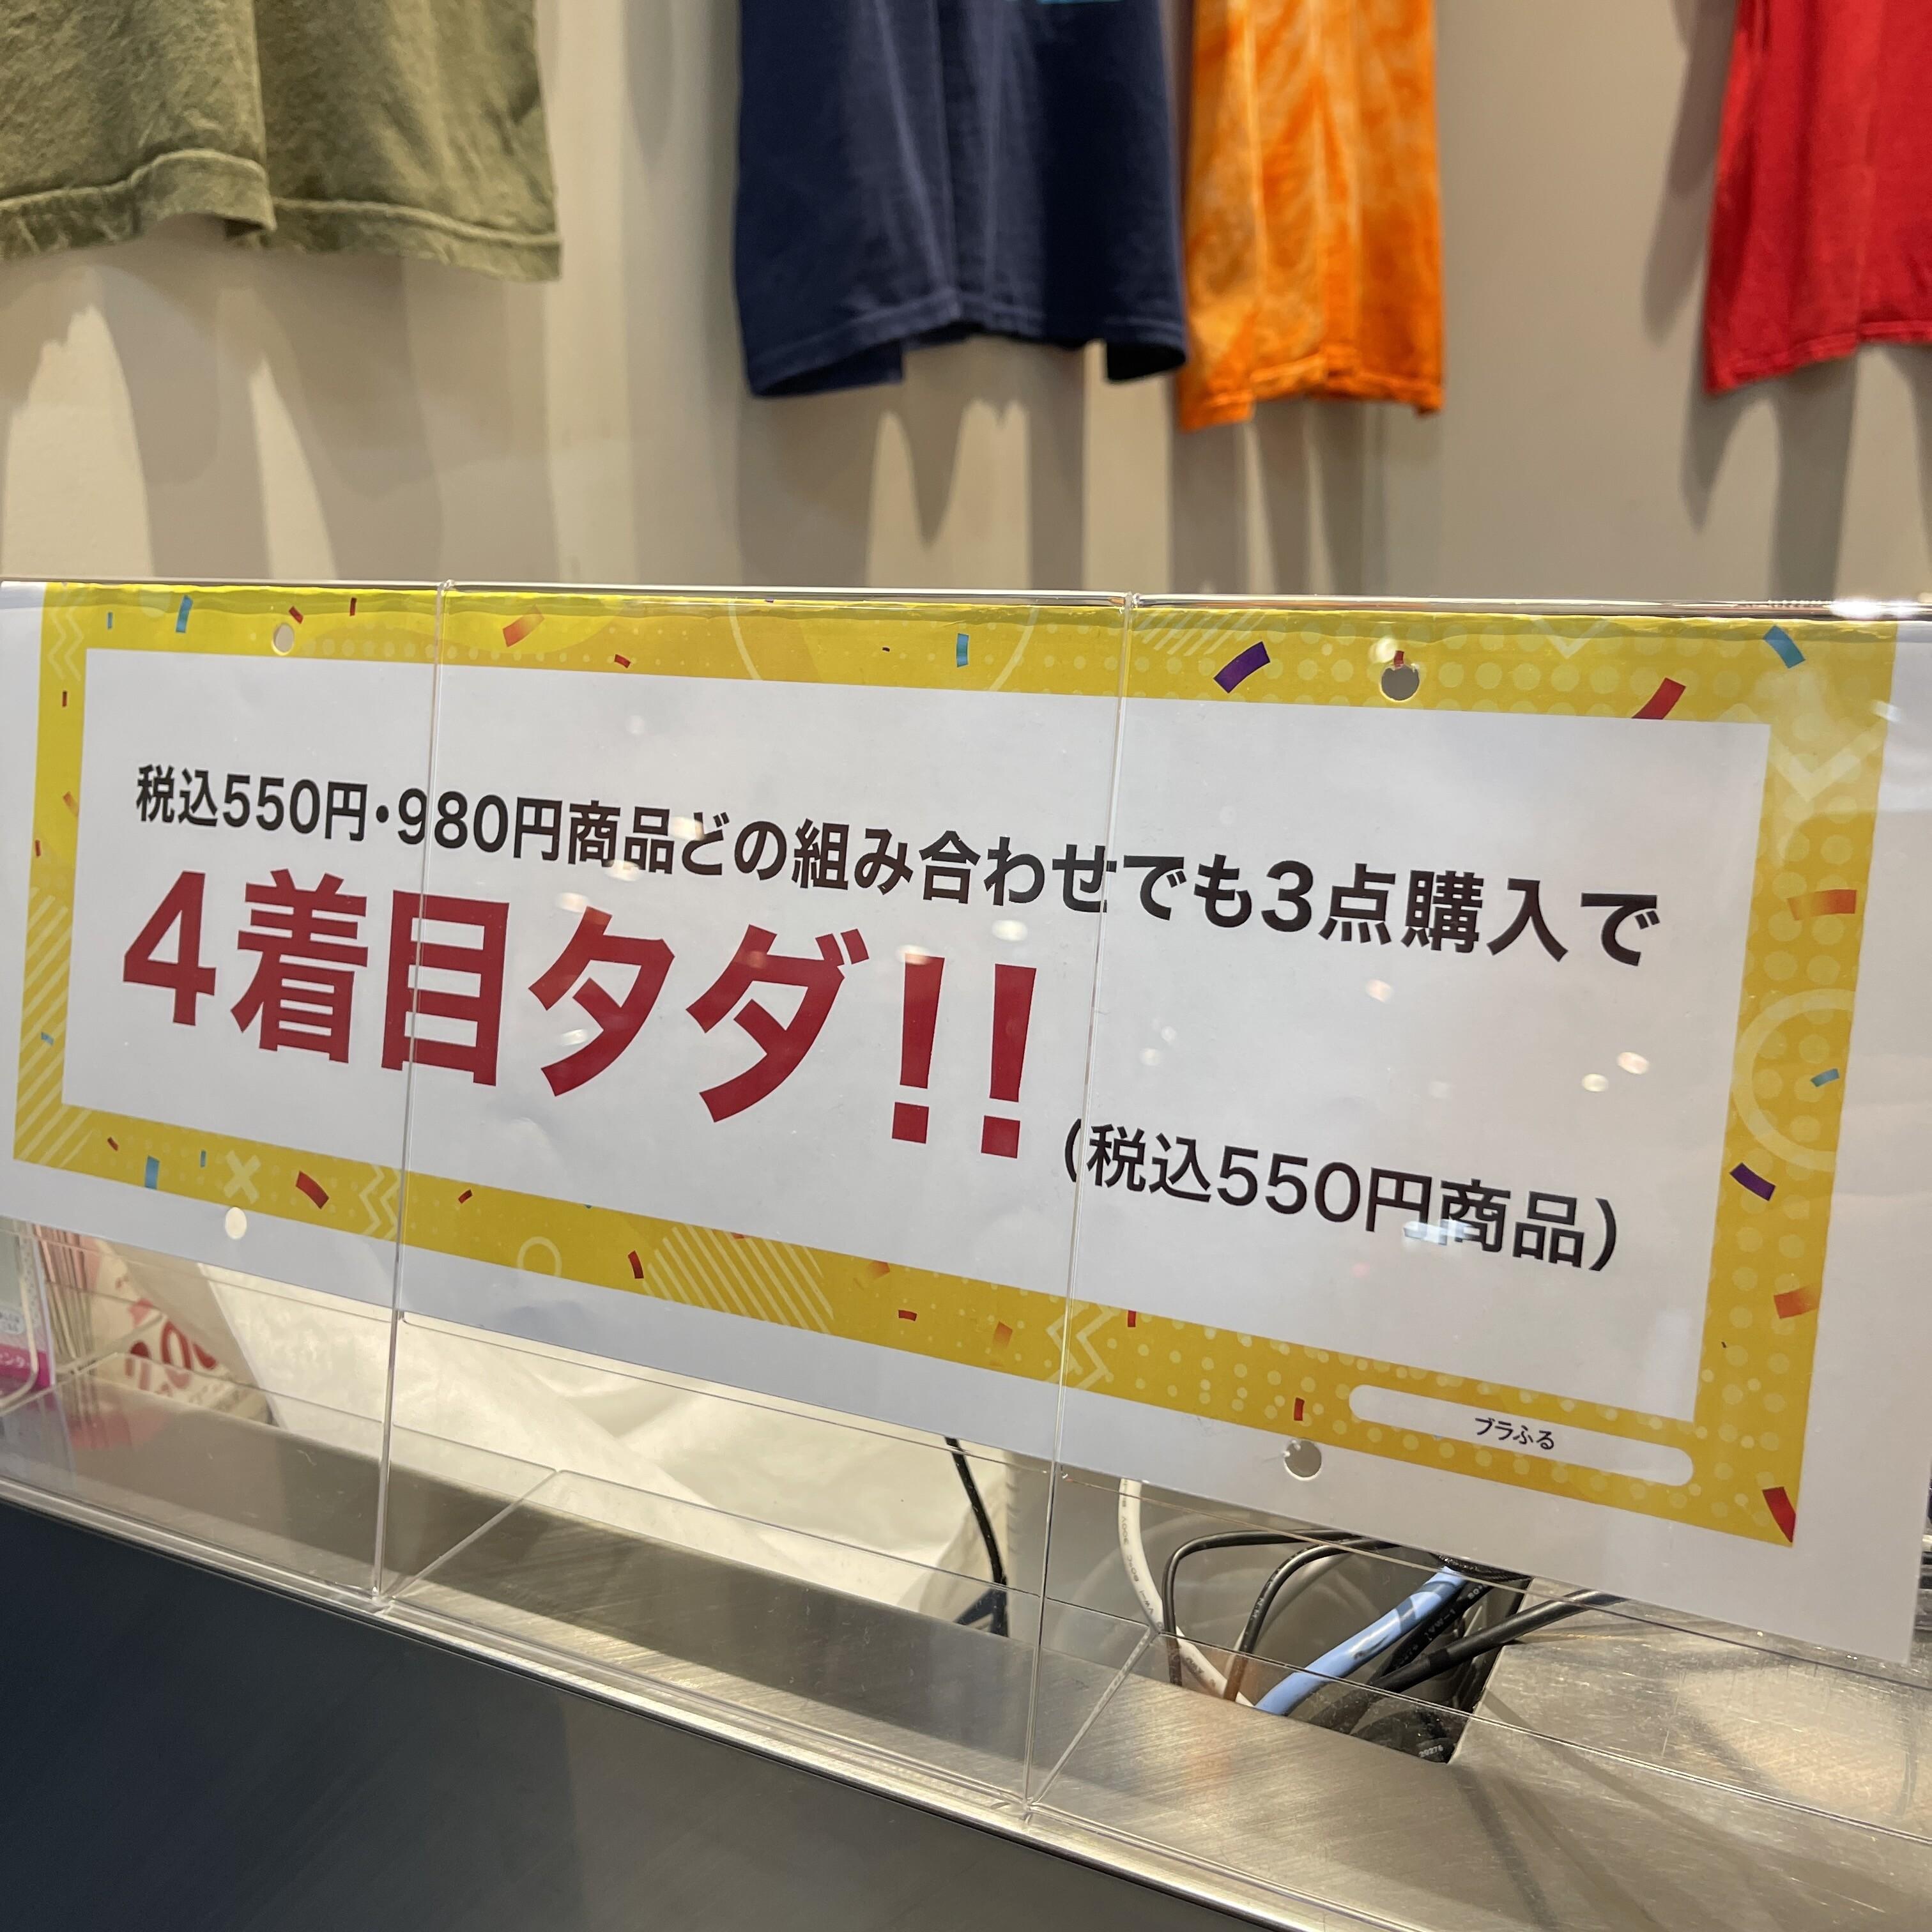 4着目タダ!?